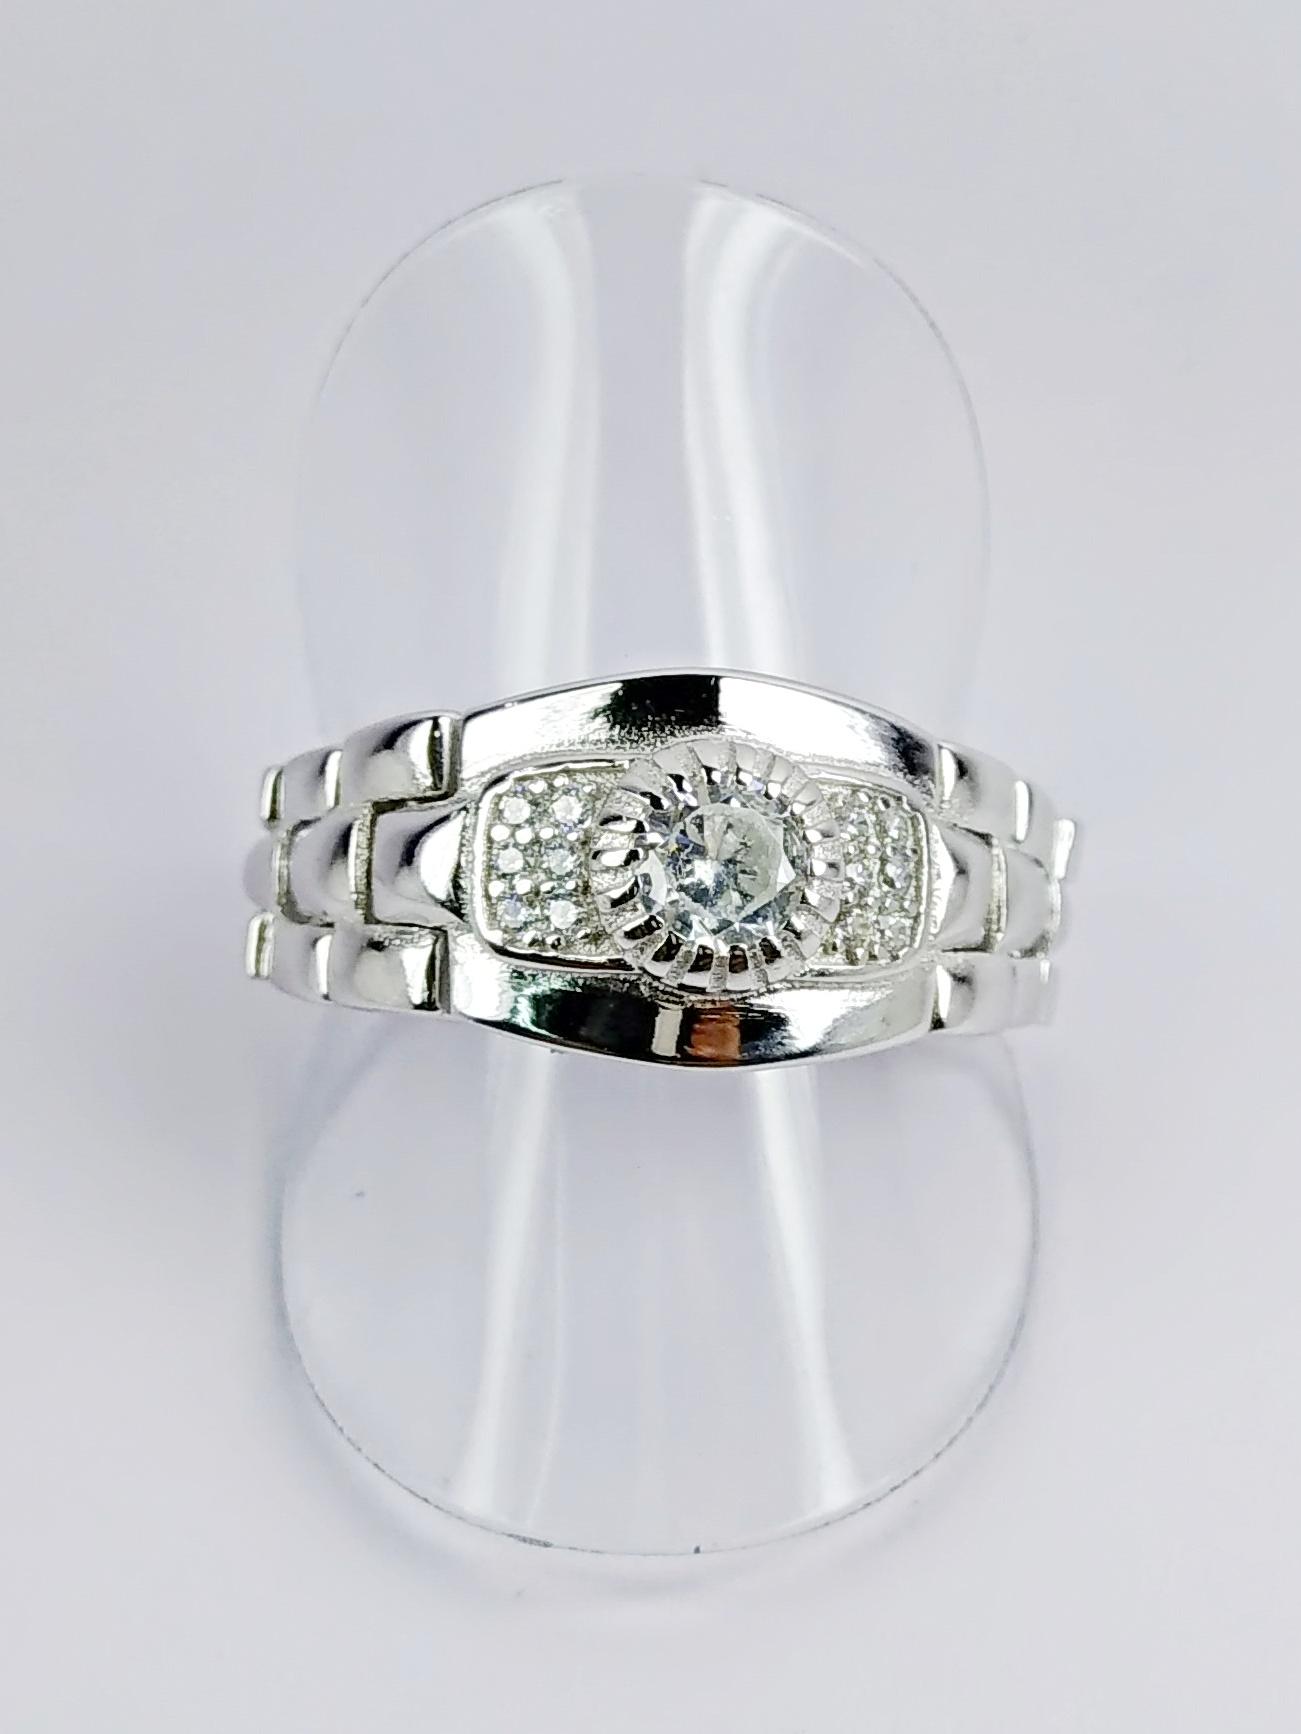 Exclusive fancy men's ring